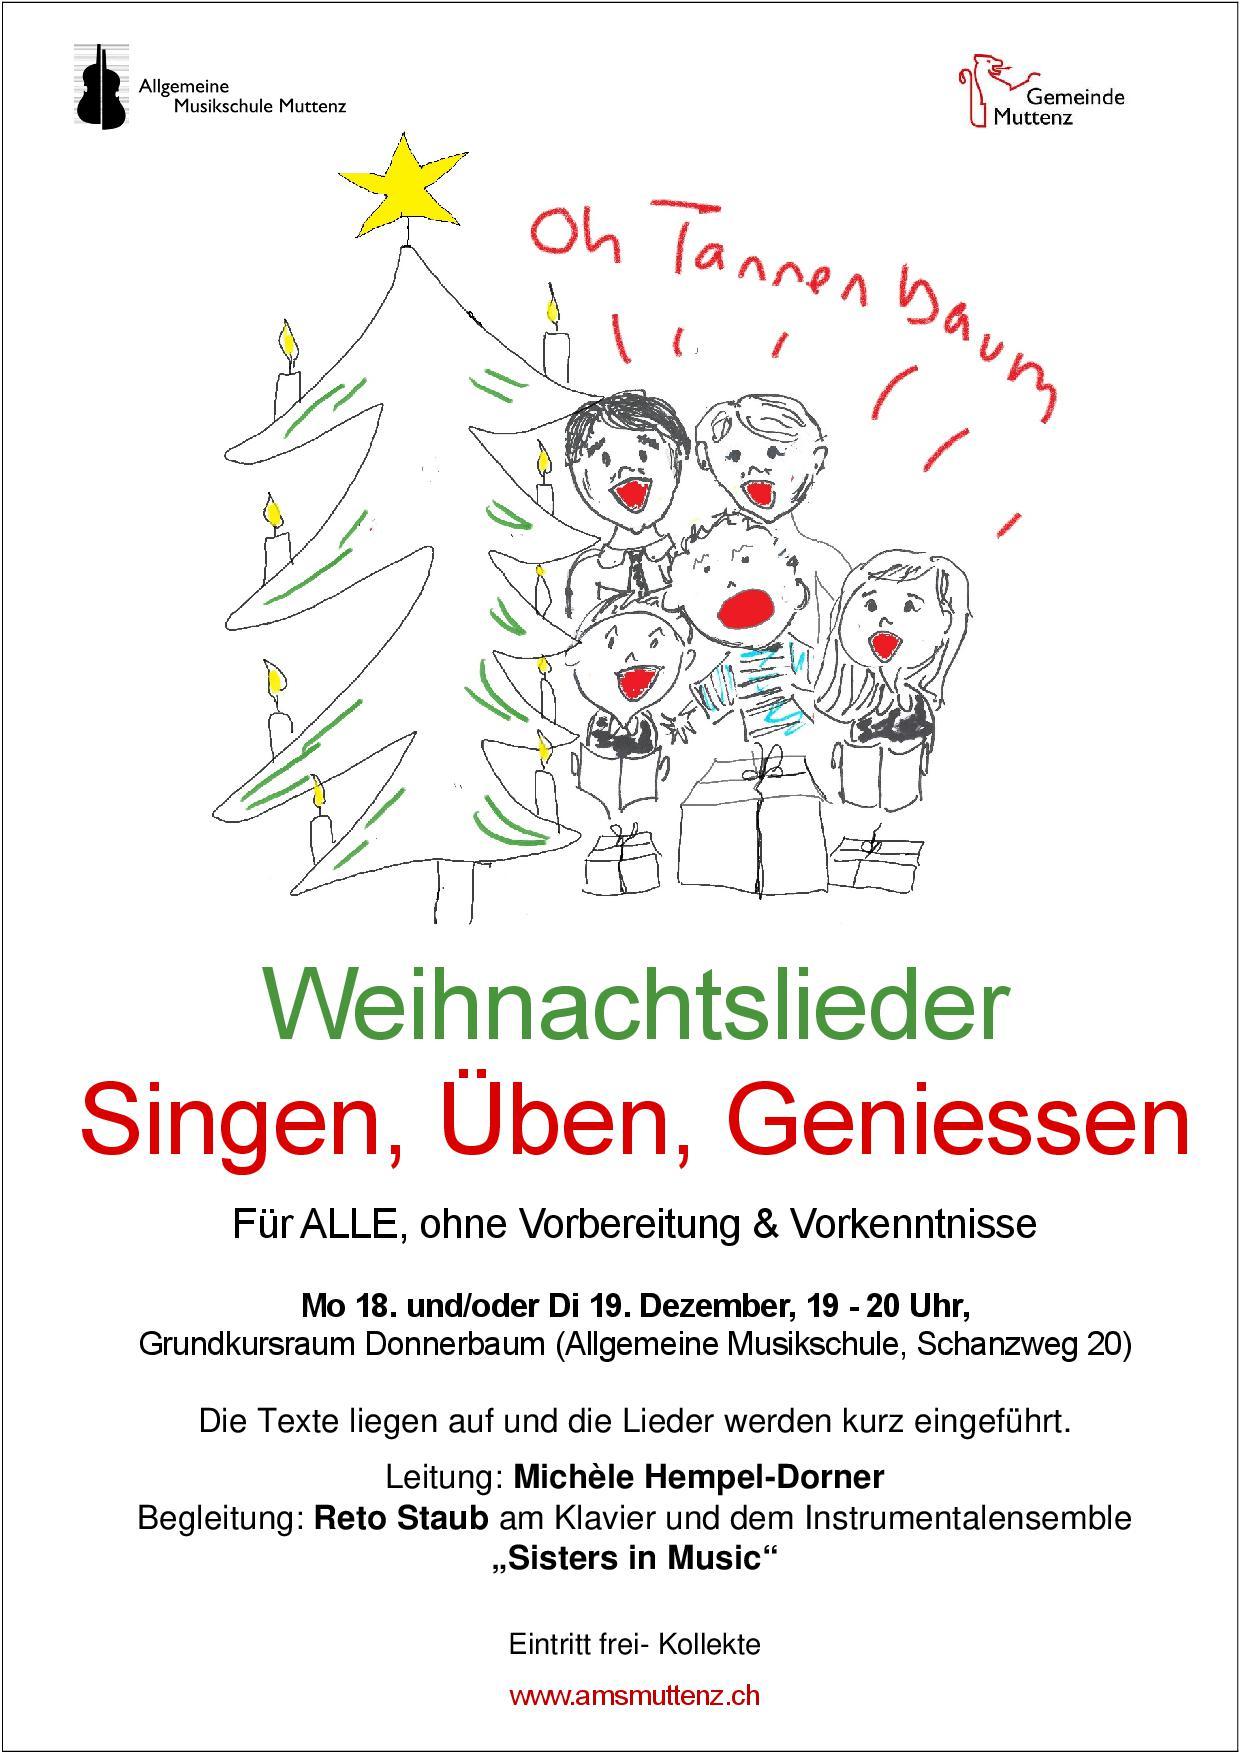 Weihnachtslieder Kurz.Allgemeine Musikschule Muttenz Weihnachtslieder Singen üben